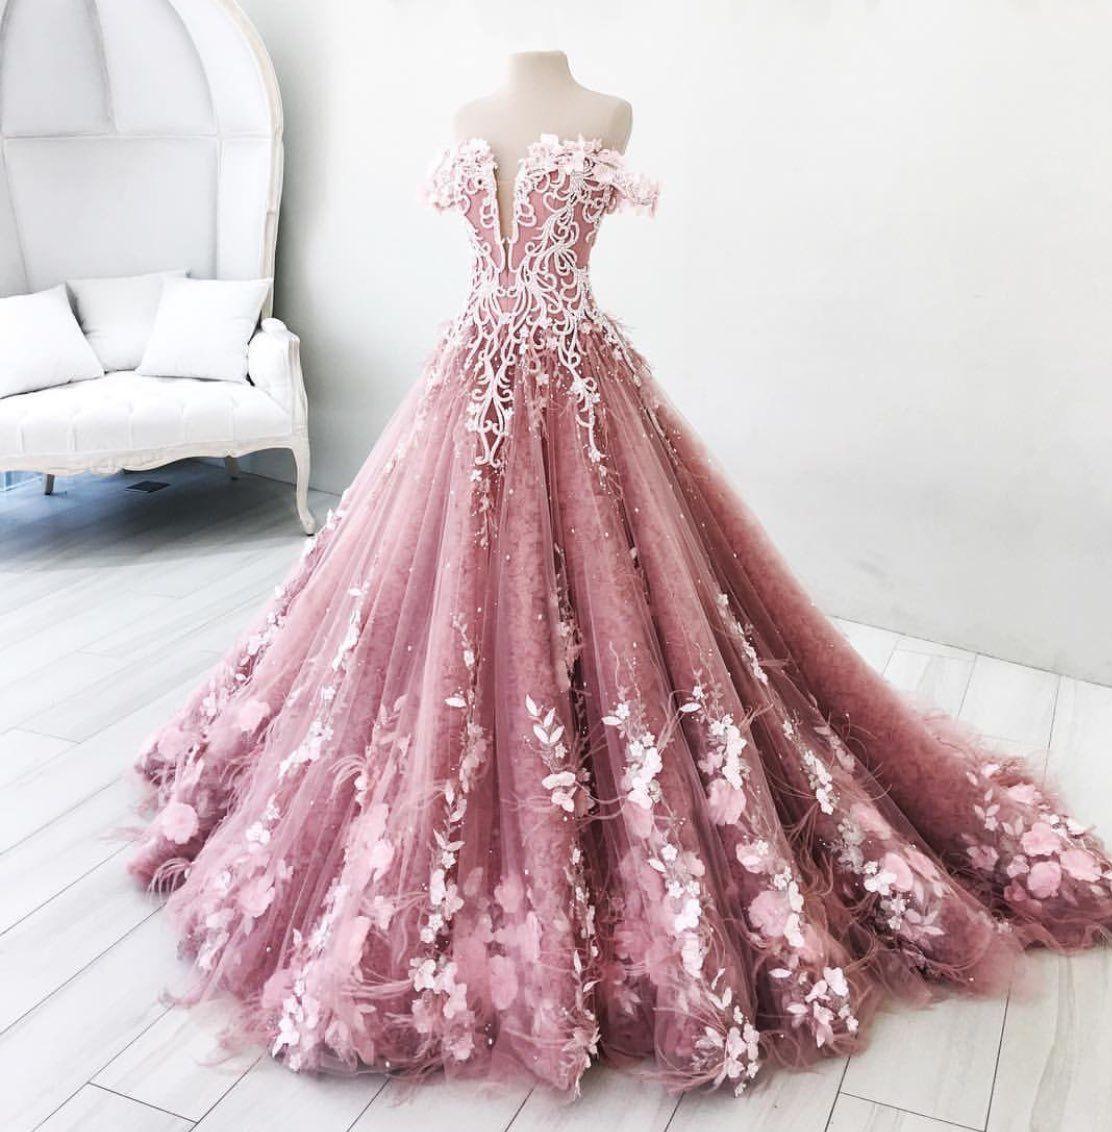 Pin von Aurora auf Dress | Pinterest | Ballkleider, Kleider und ...